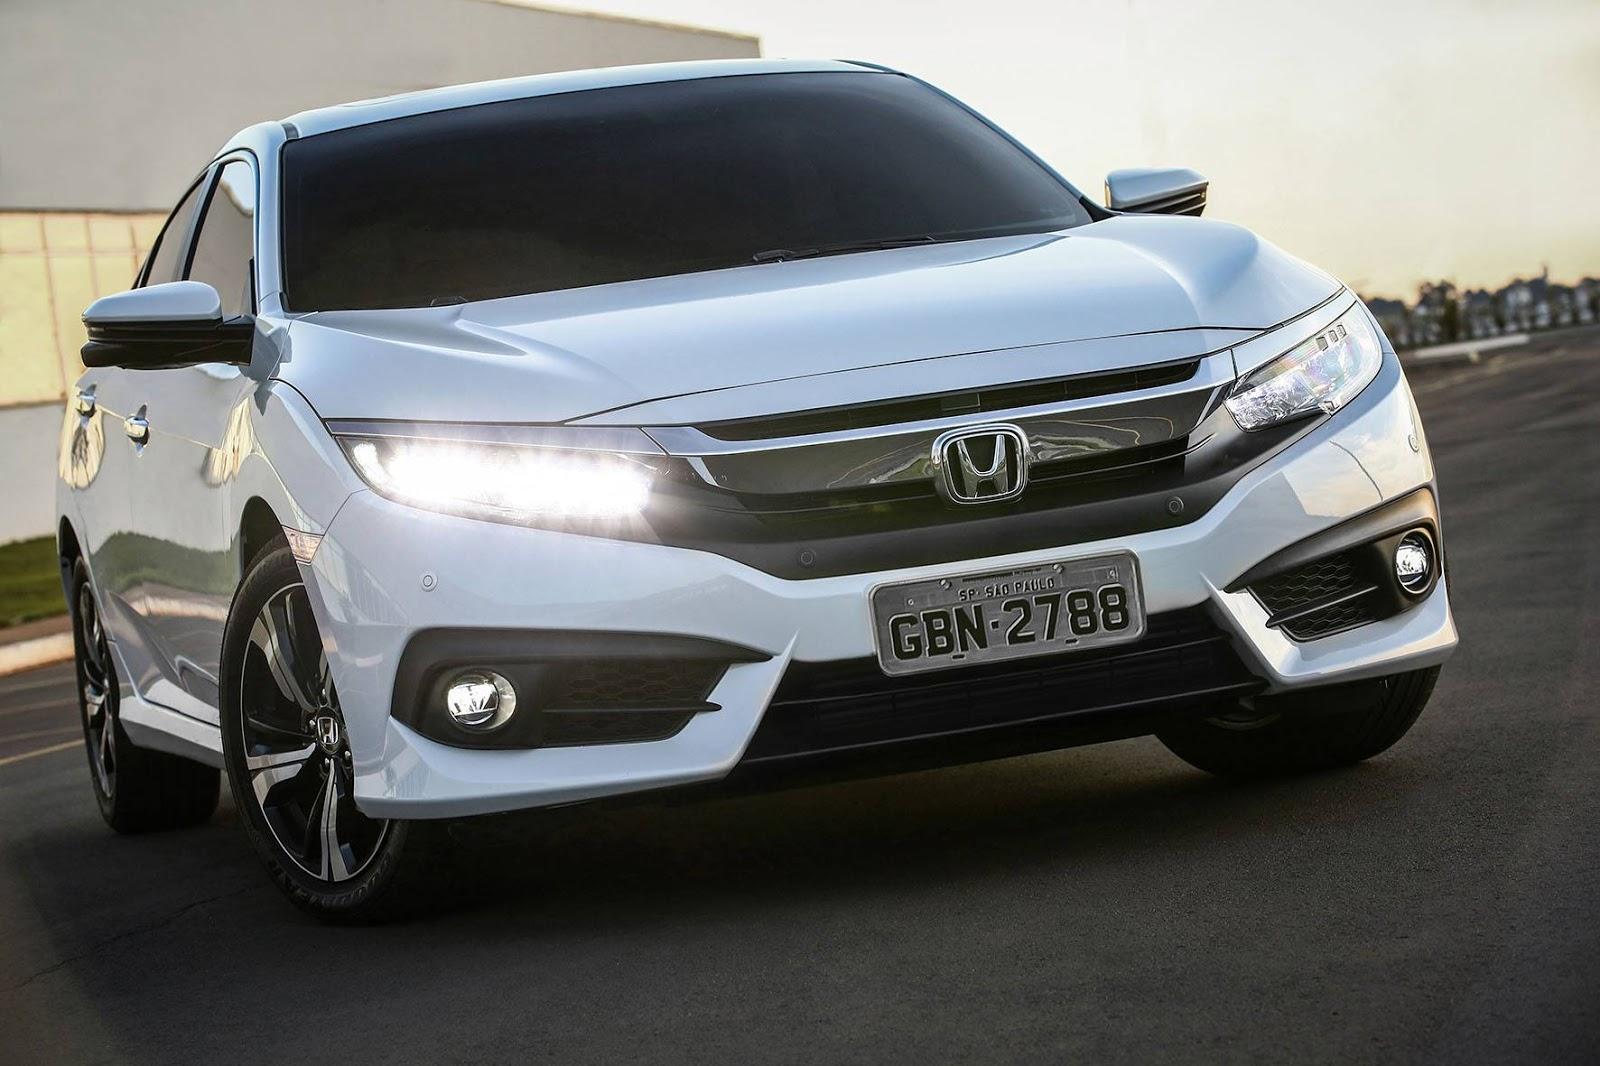 Novo Honda Civic 2017 | 2017 - 2018 Best Cars Reviews